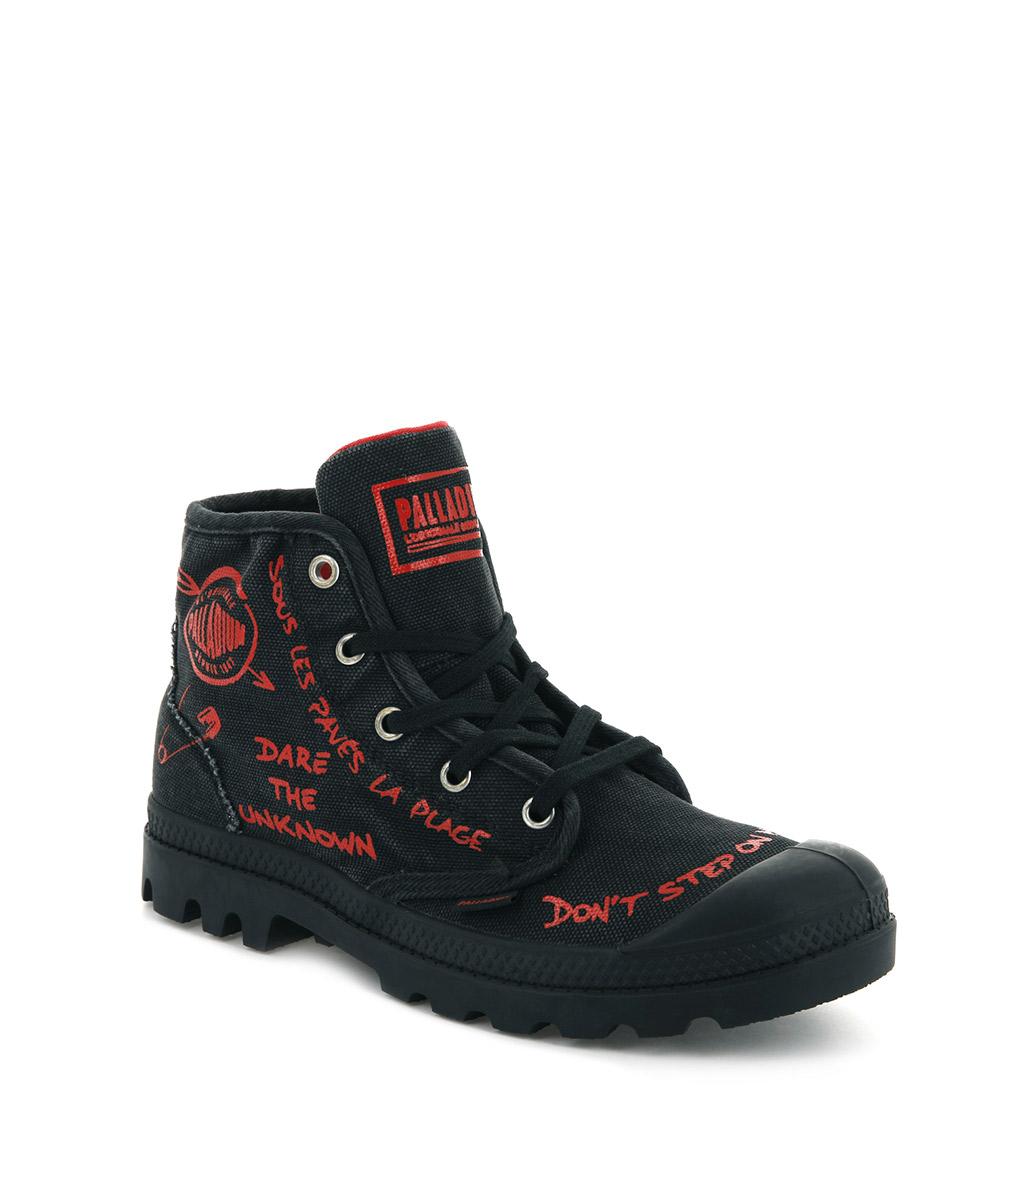 snygg höstskor grossisthandlare PALLADIUM Women Sneakers 96267 PAMPA PROTEST, Black 79.99 1 – T6/8